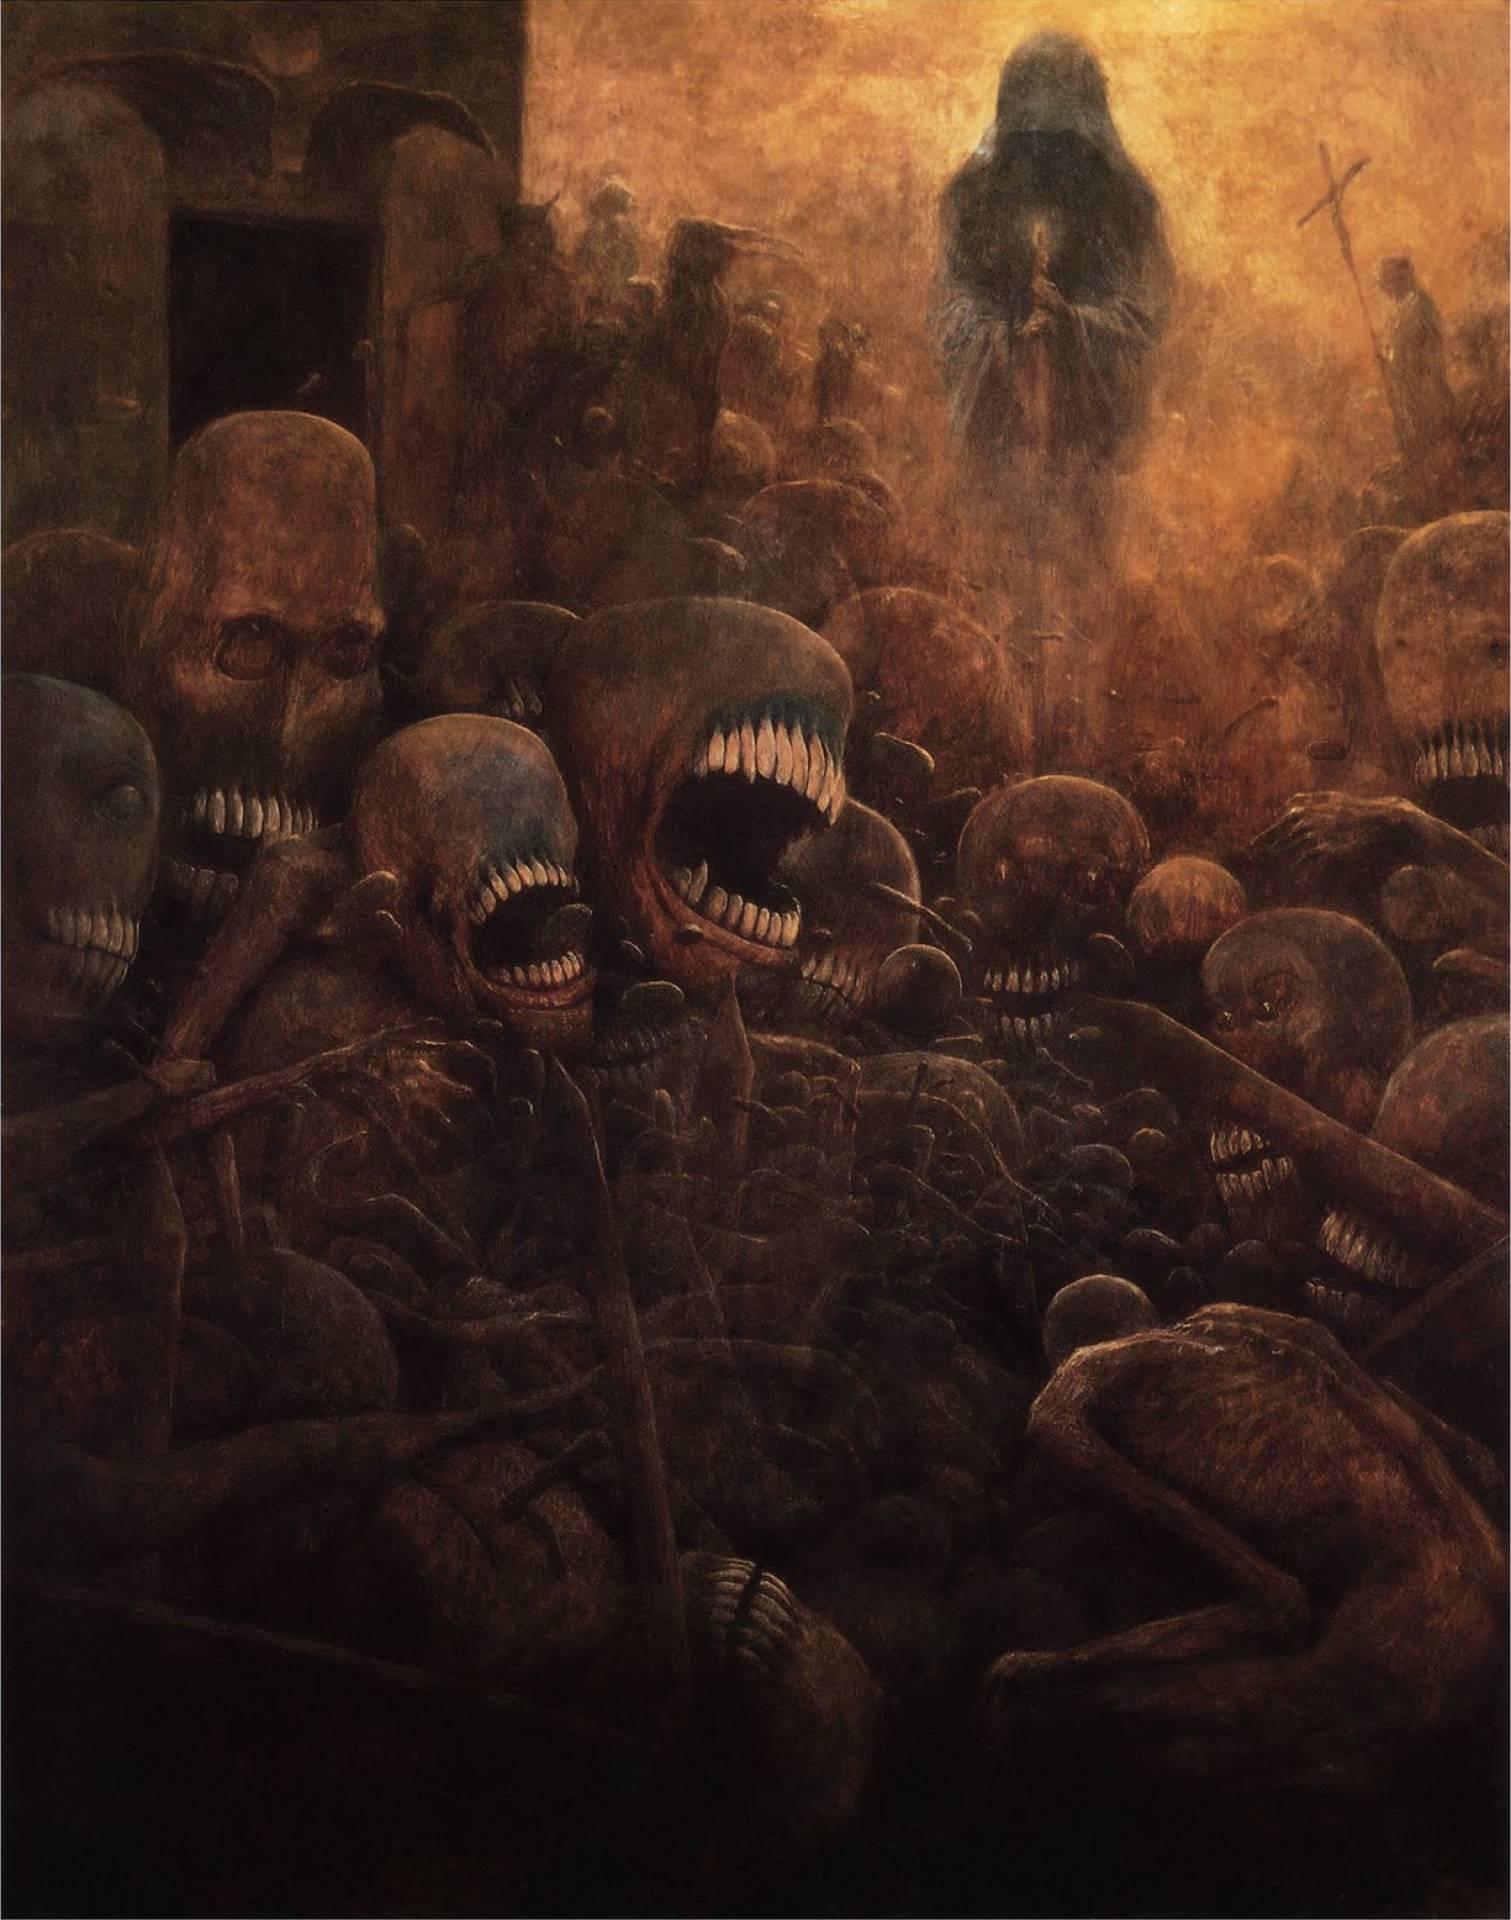 художник Здислав Бексиньский гигер арт отвратительные мужики disgusting men